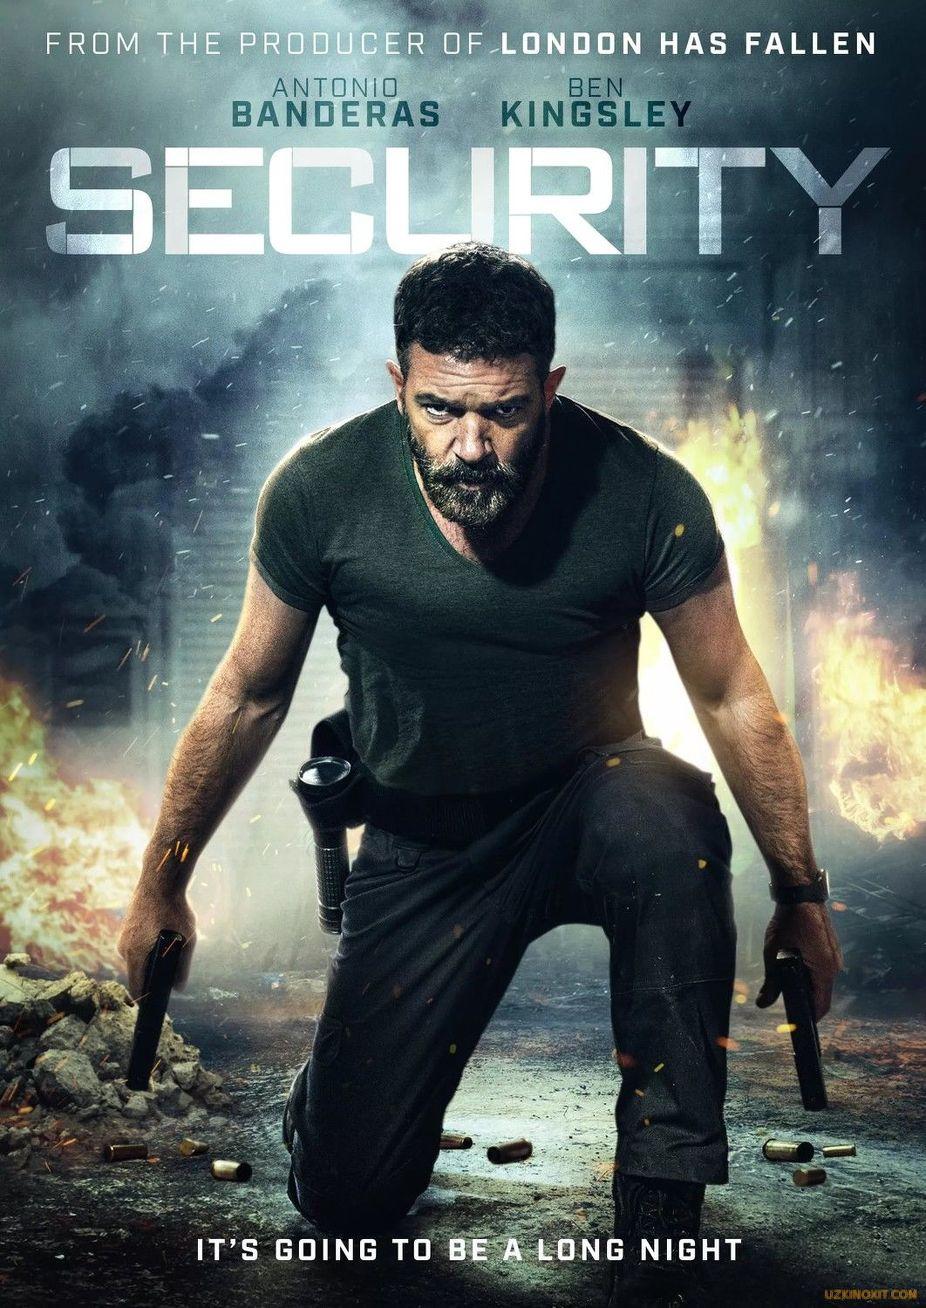 Σε απόσταση ασφαλείας (Security) Poster